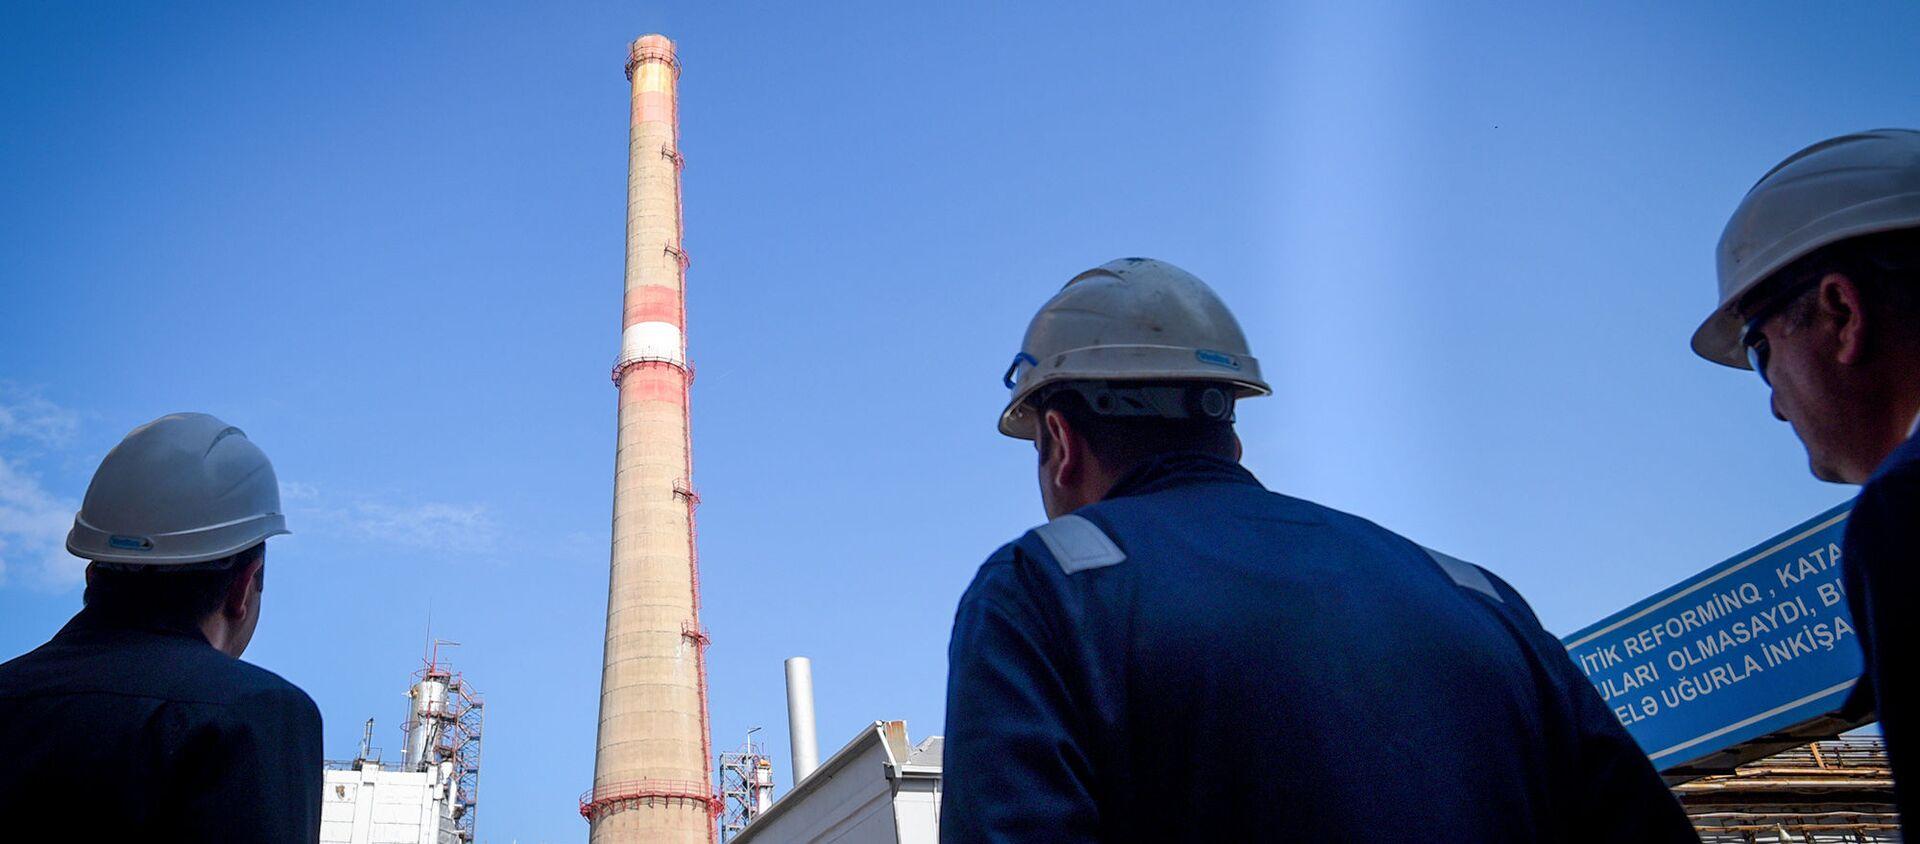 Бакинский нефтеперерабатывающий завод имени Гейдара Алиева - Sputnik Азербайджан, 1920, 19.02.2021